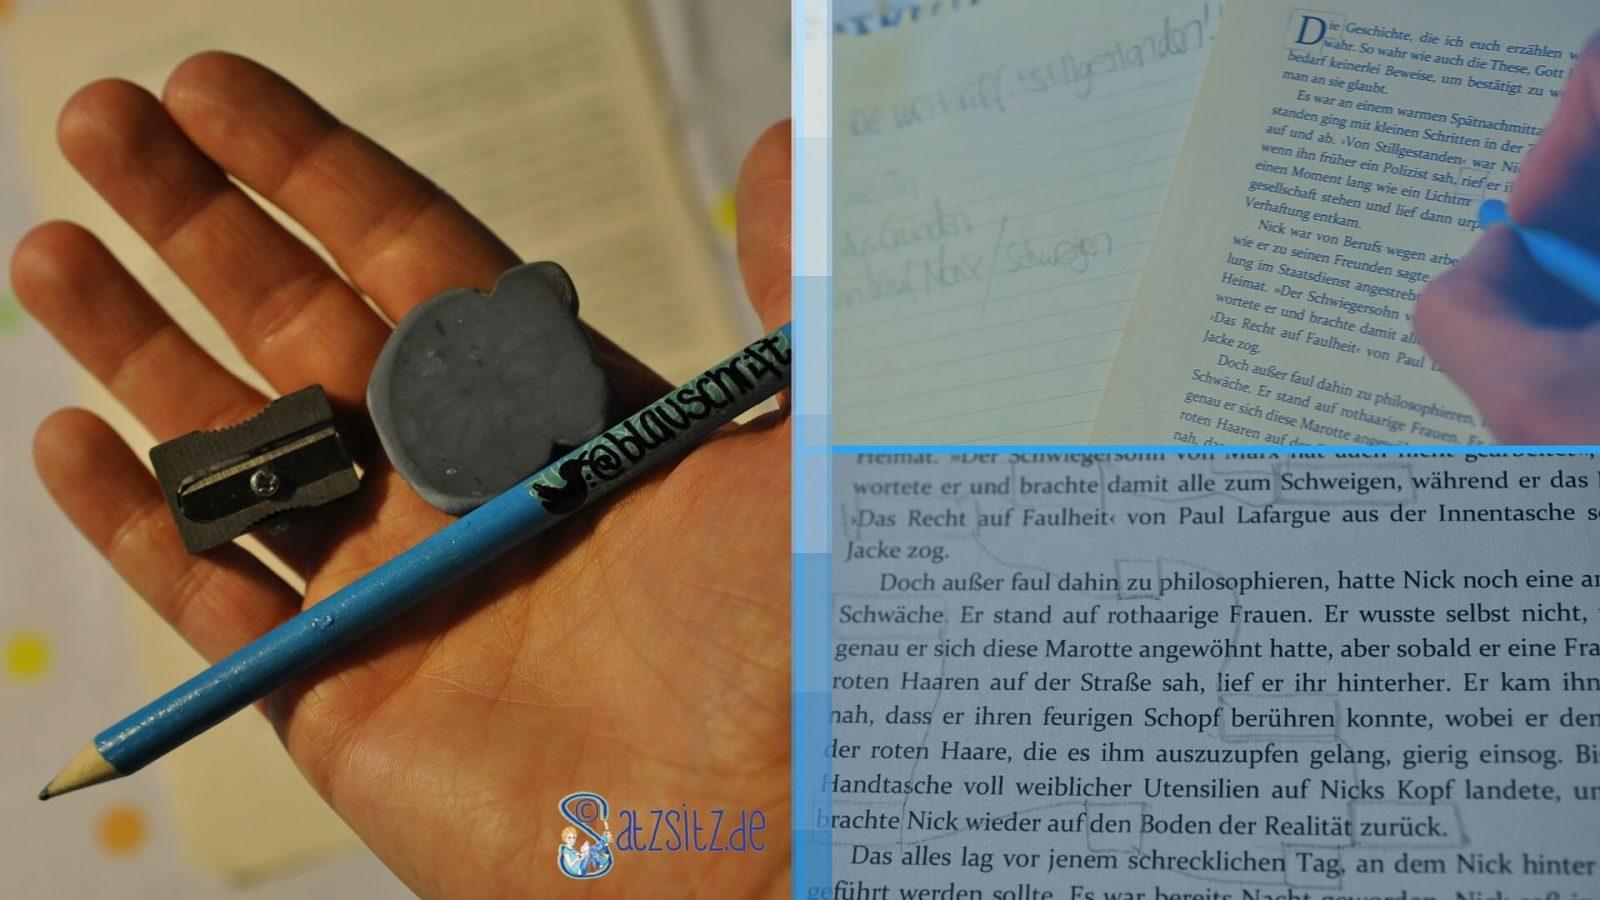 Collage aus 3 Bildern zur Blackout Poetry: mit Bleistift umrandete Worte auf Buchseiten